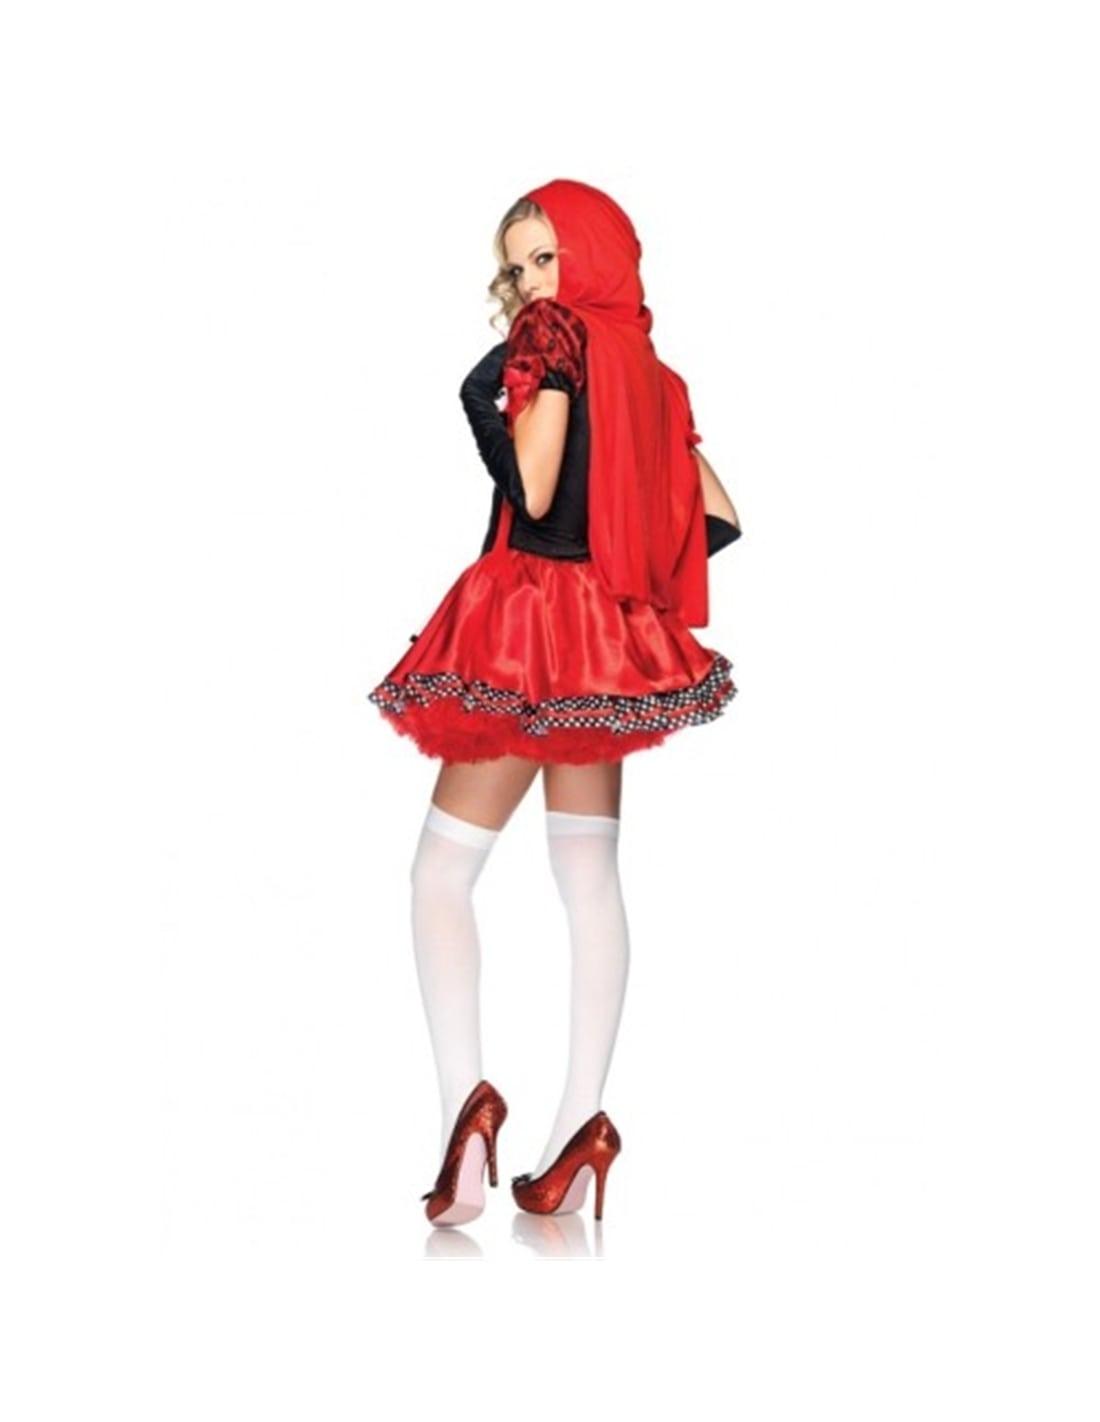 Fantasia de Capuchinho Vermelho Divine Miss Red - 40 L - PR2010304935